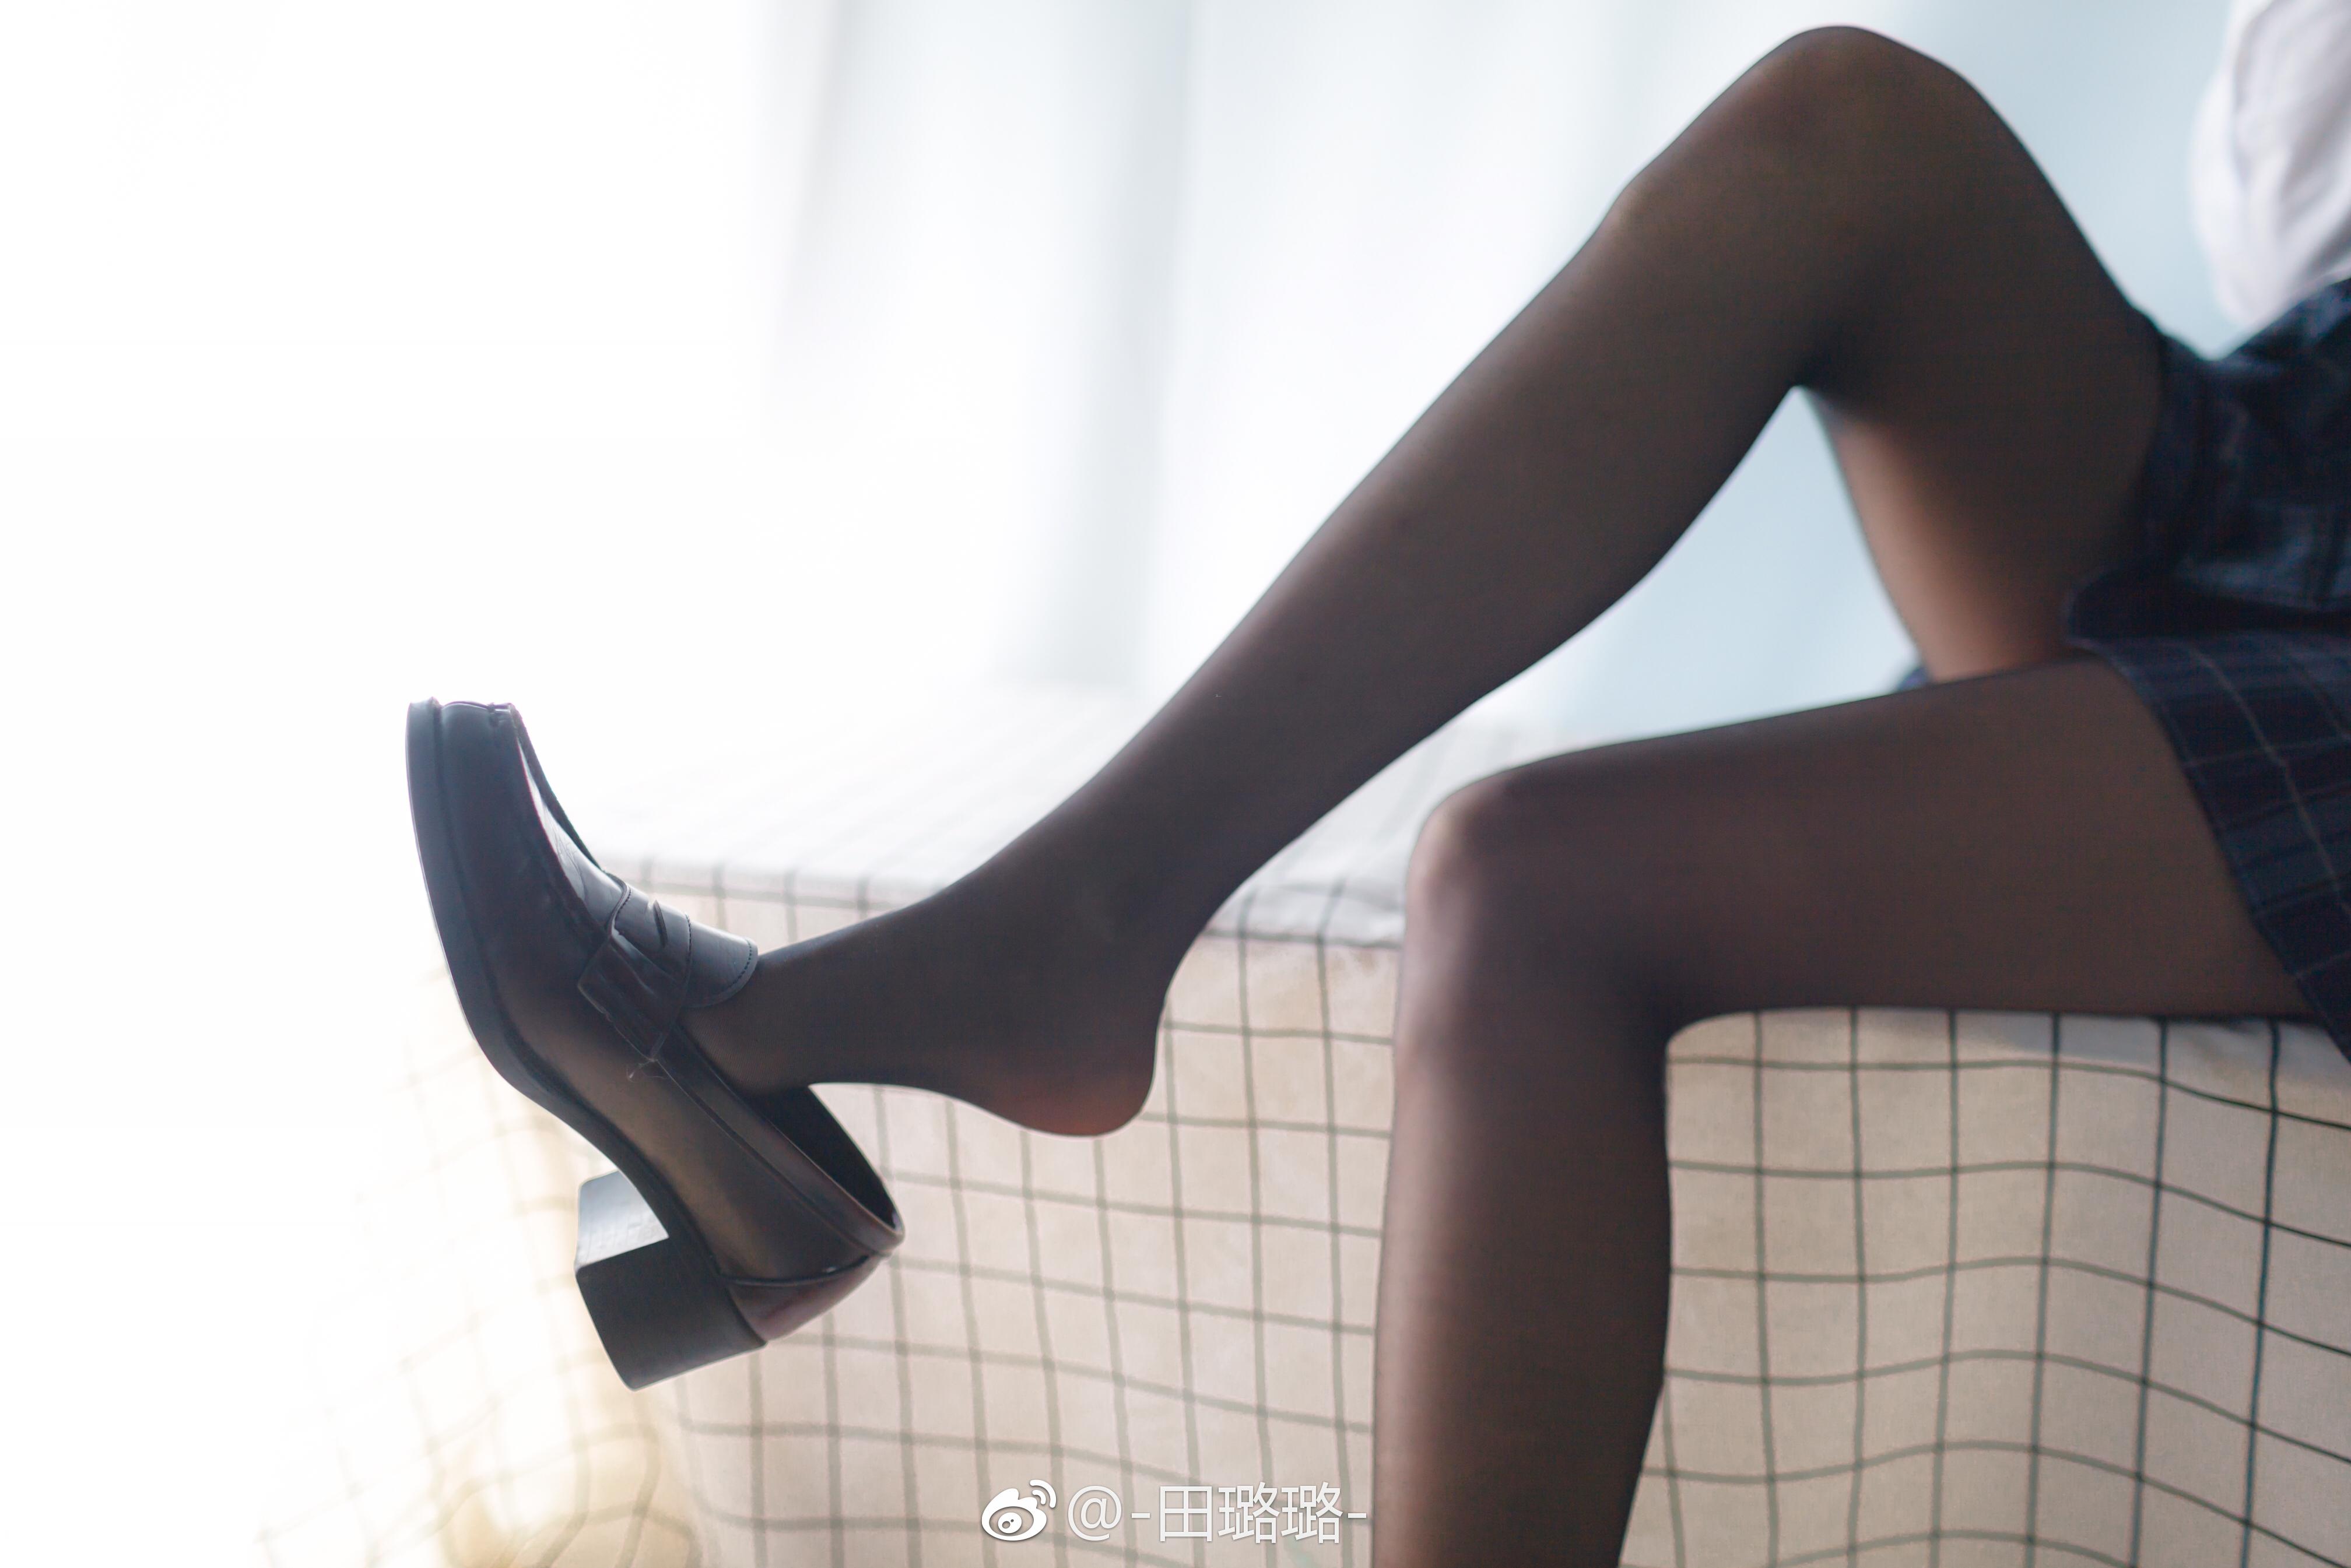 萌妹子@-田璐璐-的黑丝美腿,舔爆(9P)